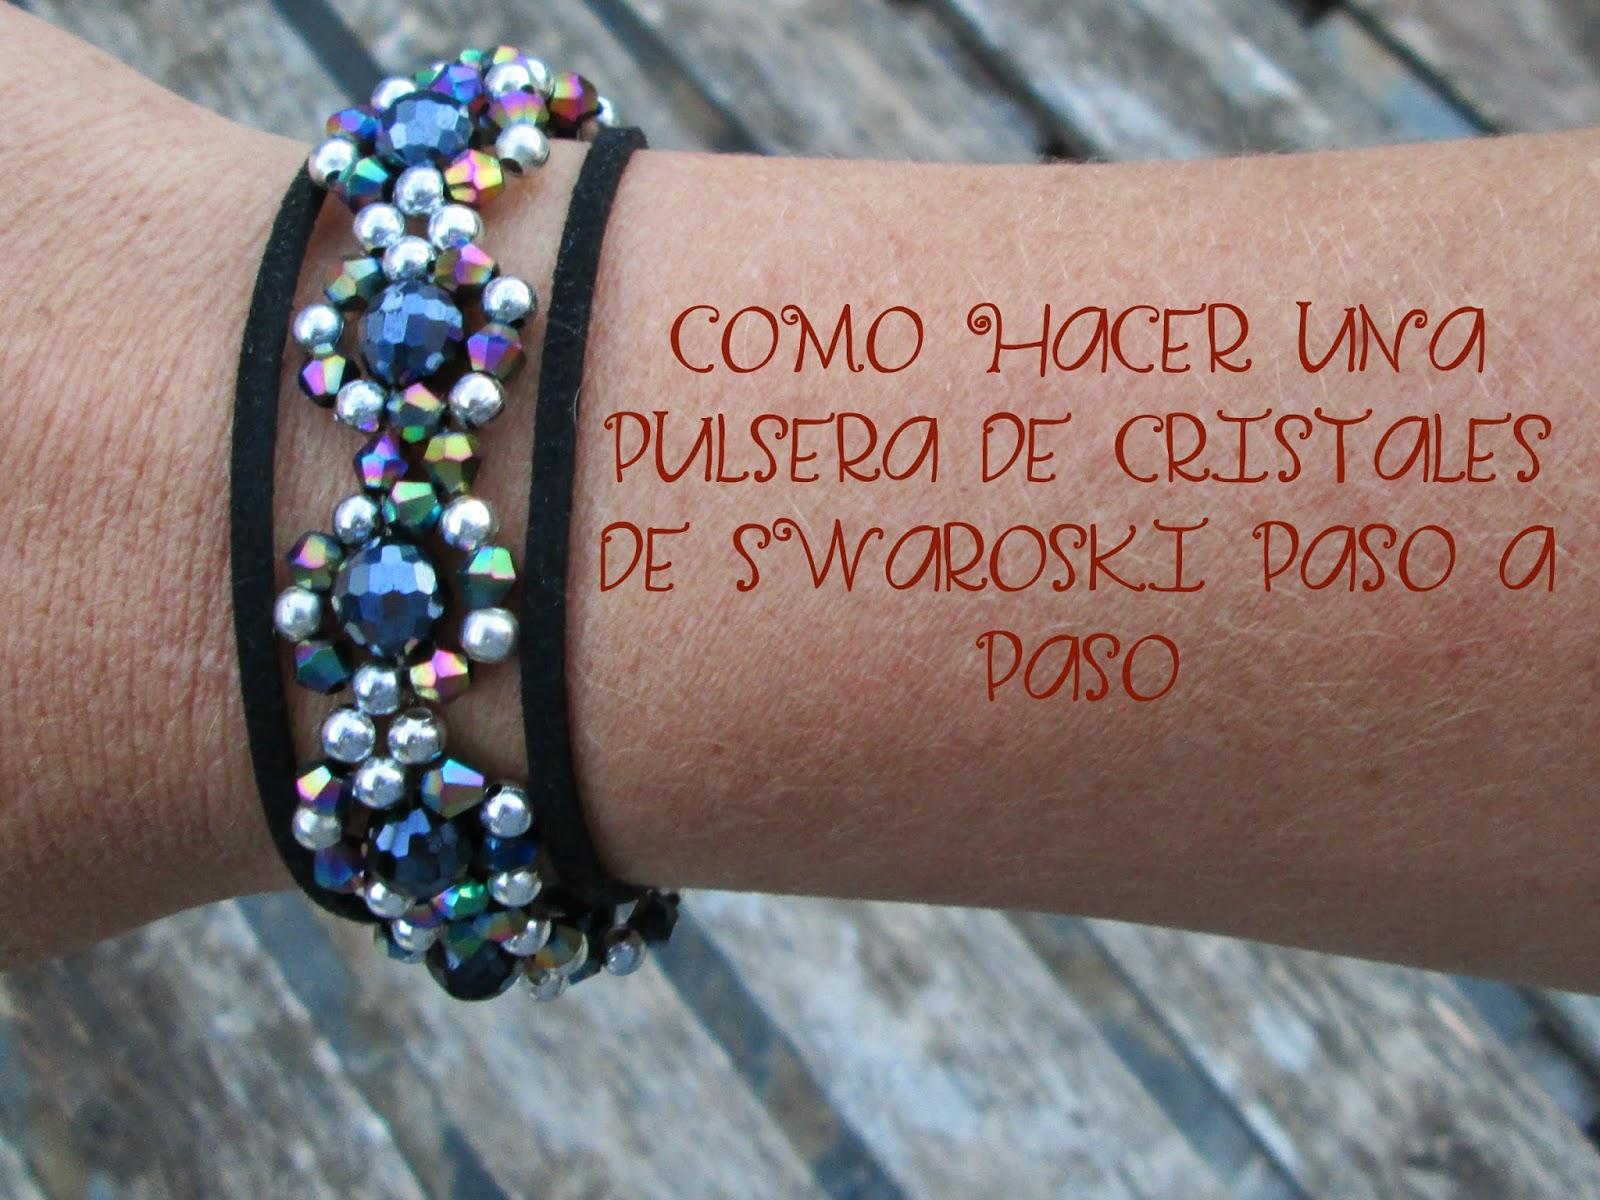 imagenes de pulseras de cristal de moda - imagenes de pulseras | Pulseras de moda al por mayor Es Pandahall